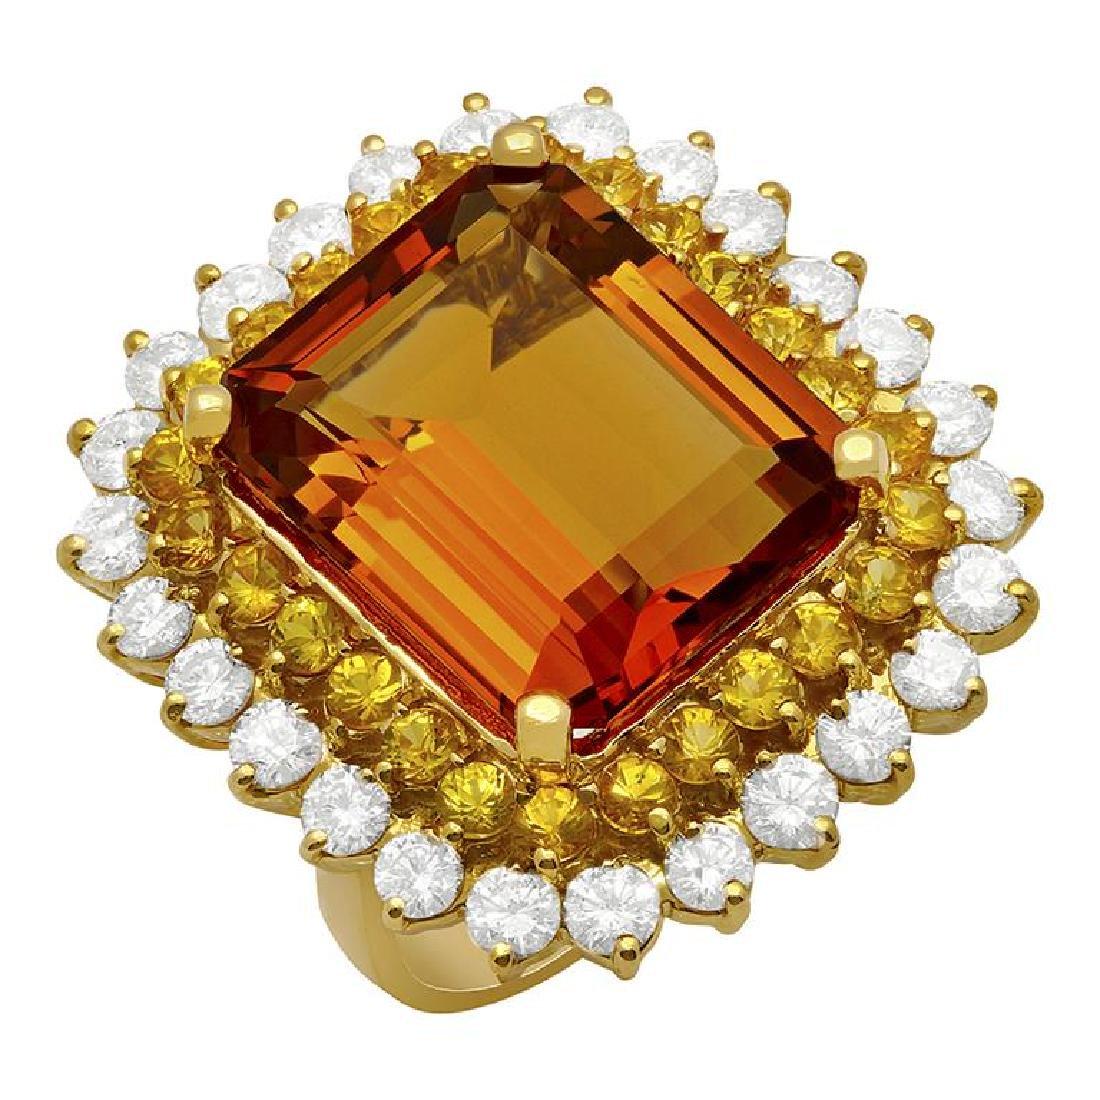 14k Yellow Gold 13.82ct Citrine 1.92ct Yellow Sapphire